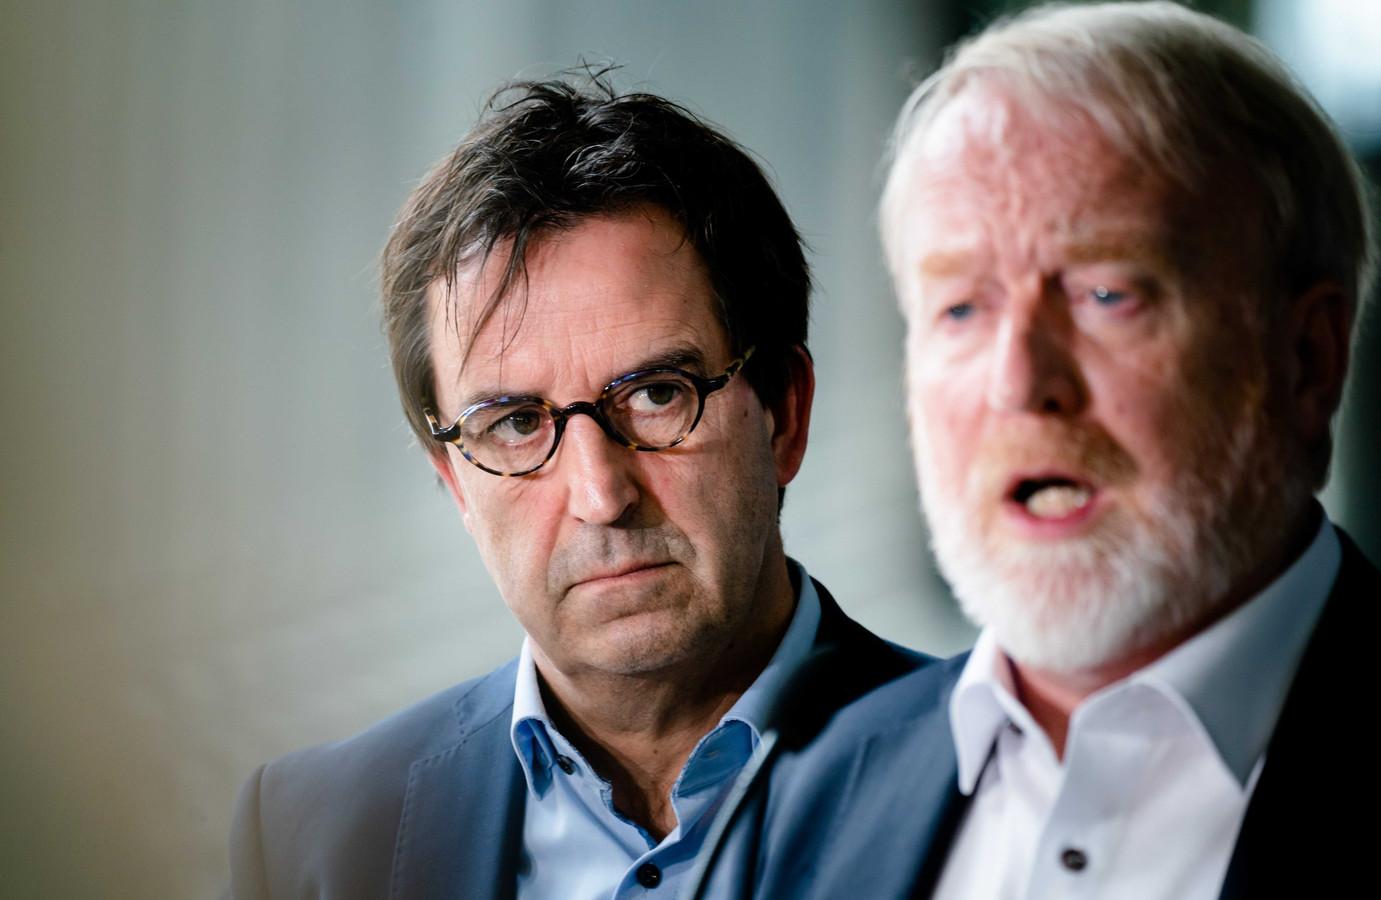 Diederik Gommers, anesthesioloog-intensivist in het Erasmus MC, en Jaap van Dissel  van het RIVM zijn onder de belangrijkste deskundigen waarop het kabinet het beleid in de coronacrisis baseert.